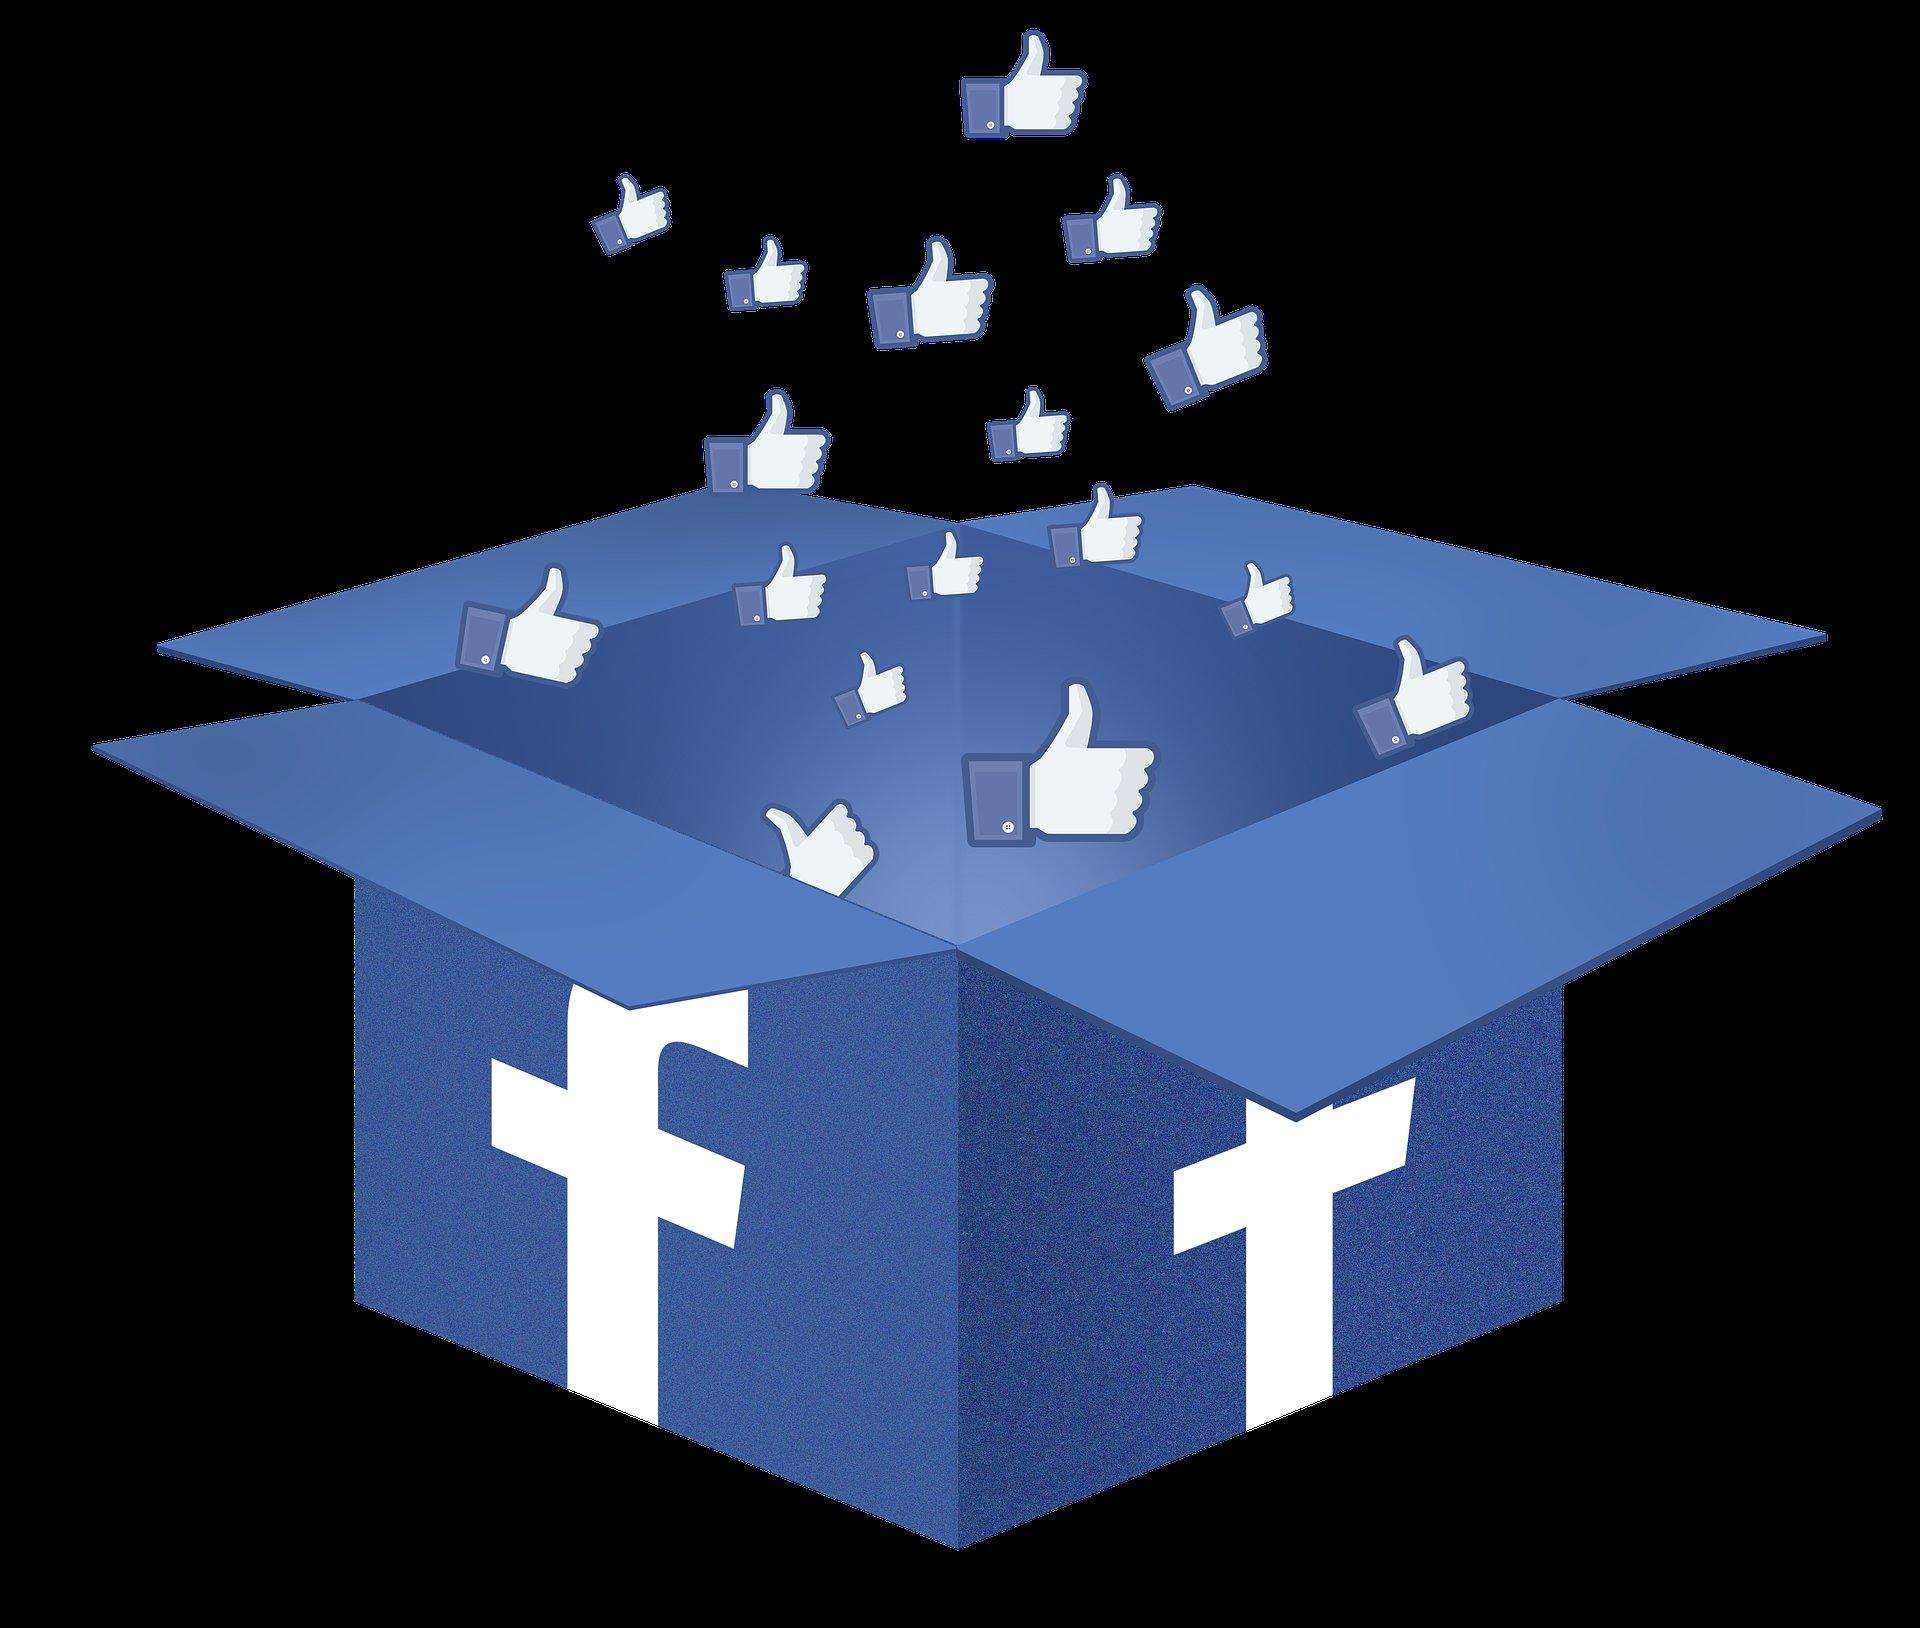 facebook box 1334045 1920.png?resize=300,169 - Facebook: Sur l'application mobile, vous pouvez maintenant personnaliser la barre de raccourcis et désactiver les notifications